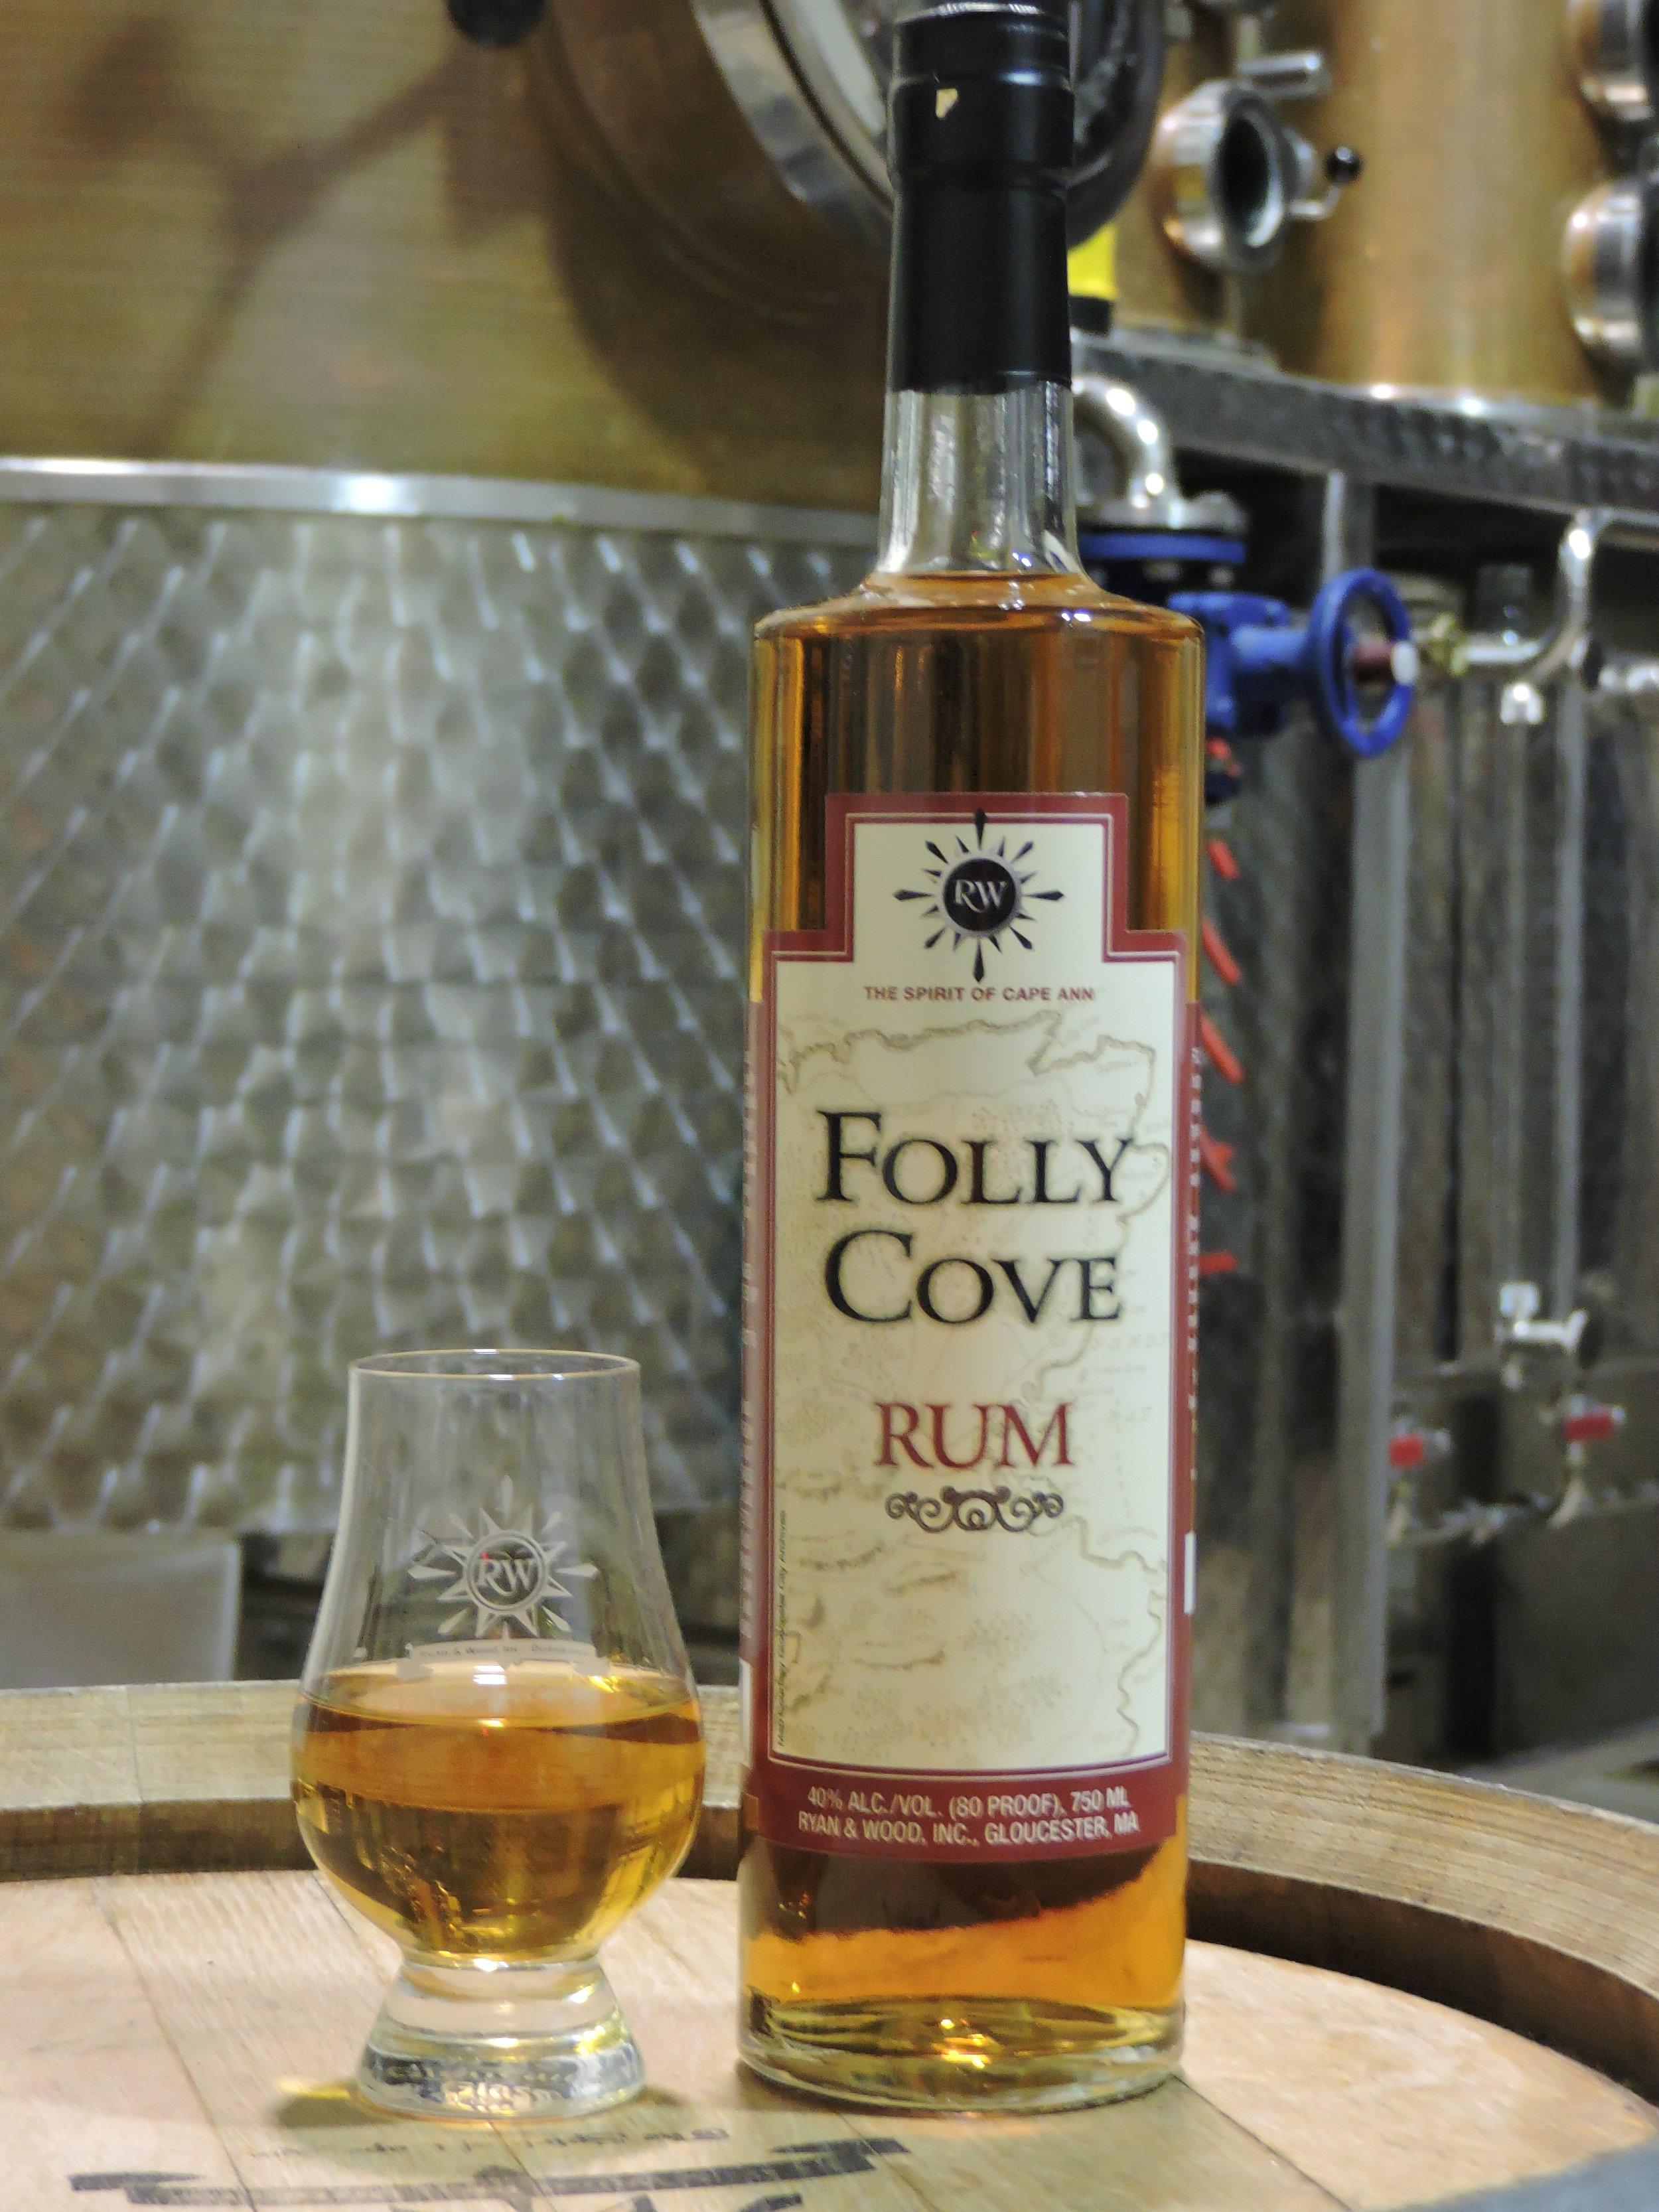 folly cove rum bottle-1.jpg